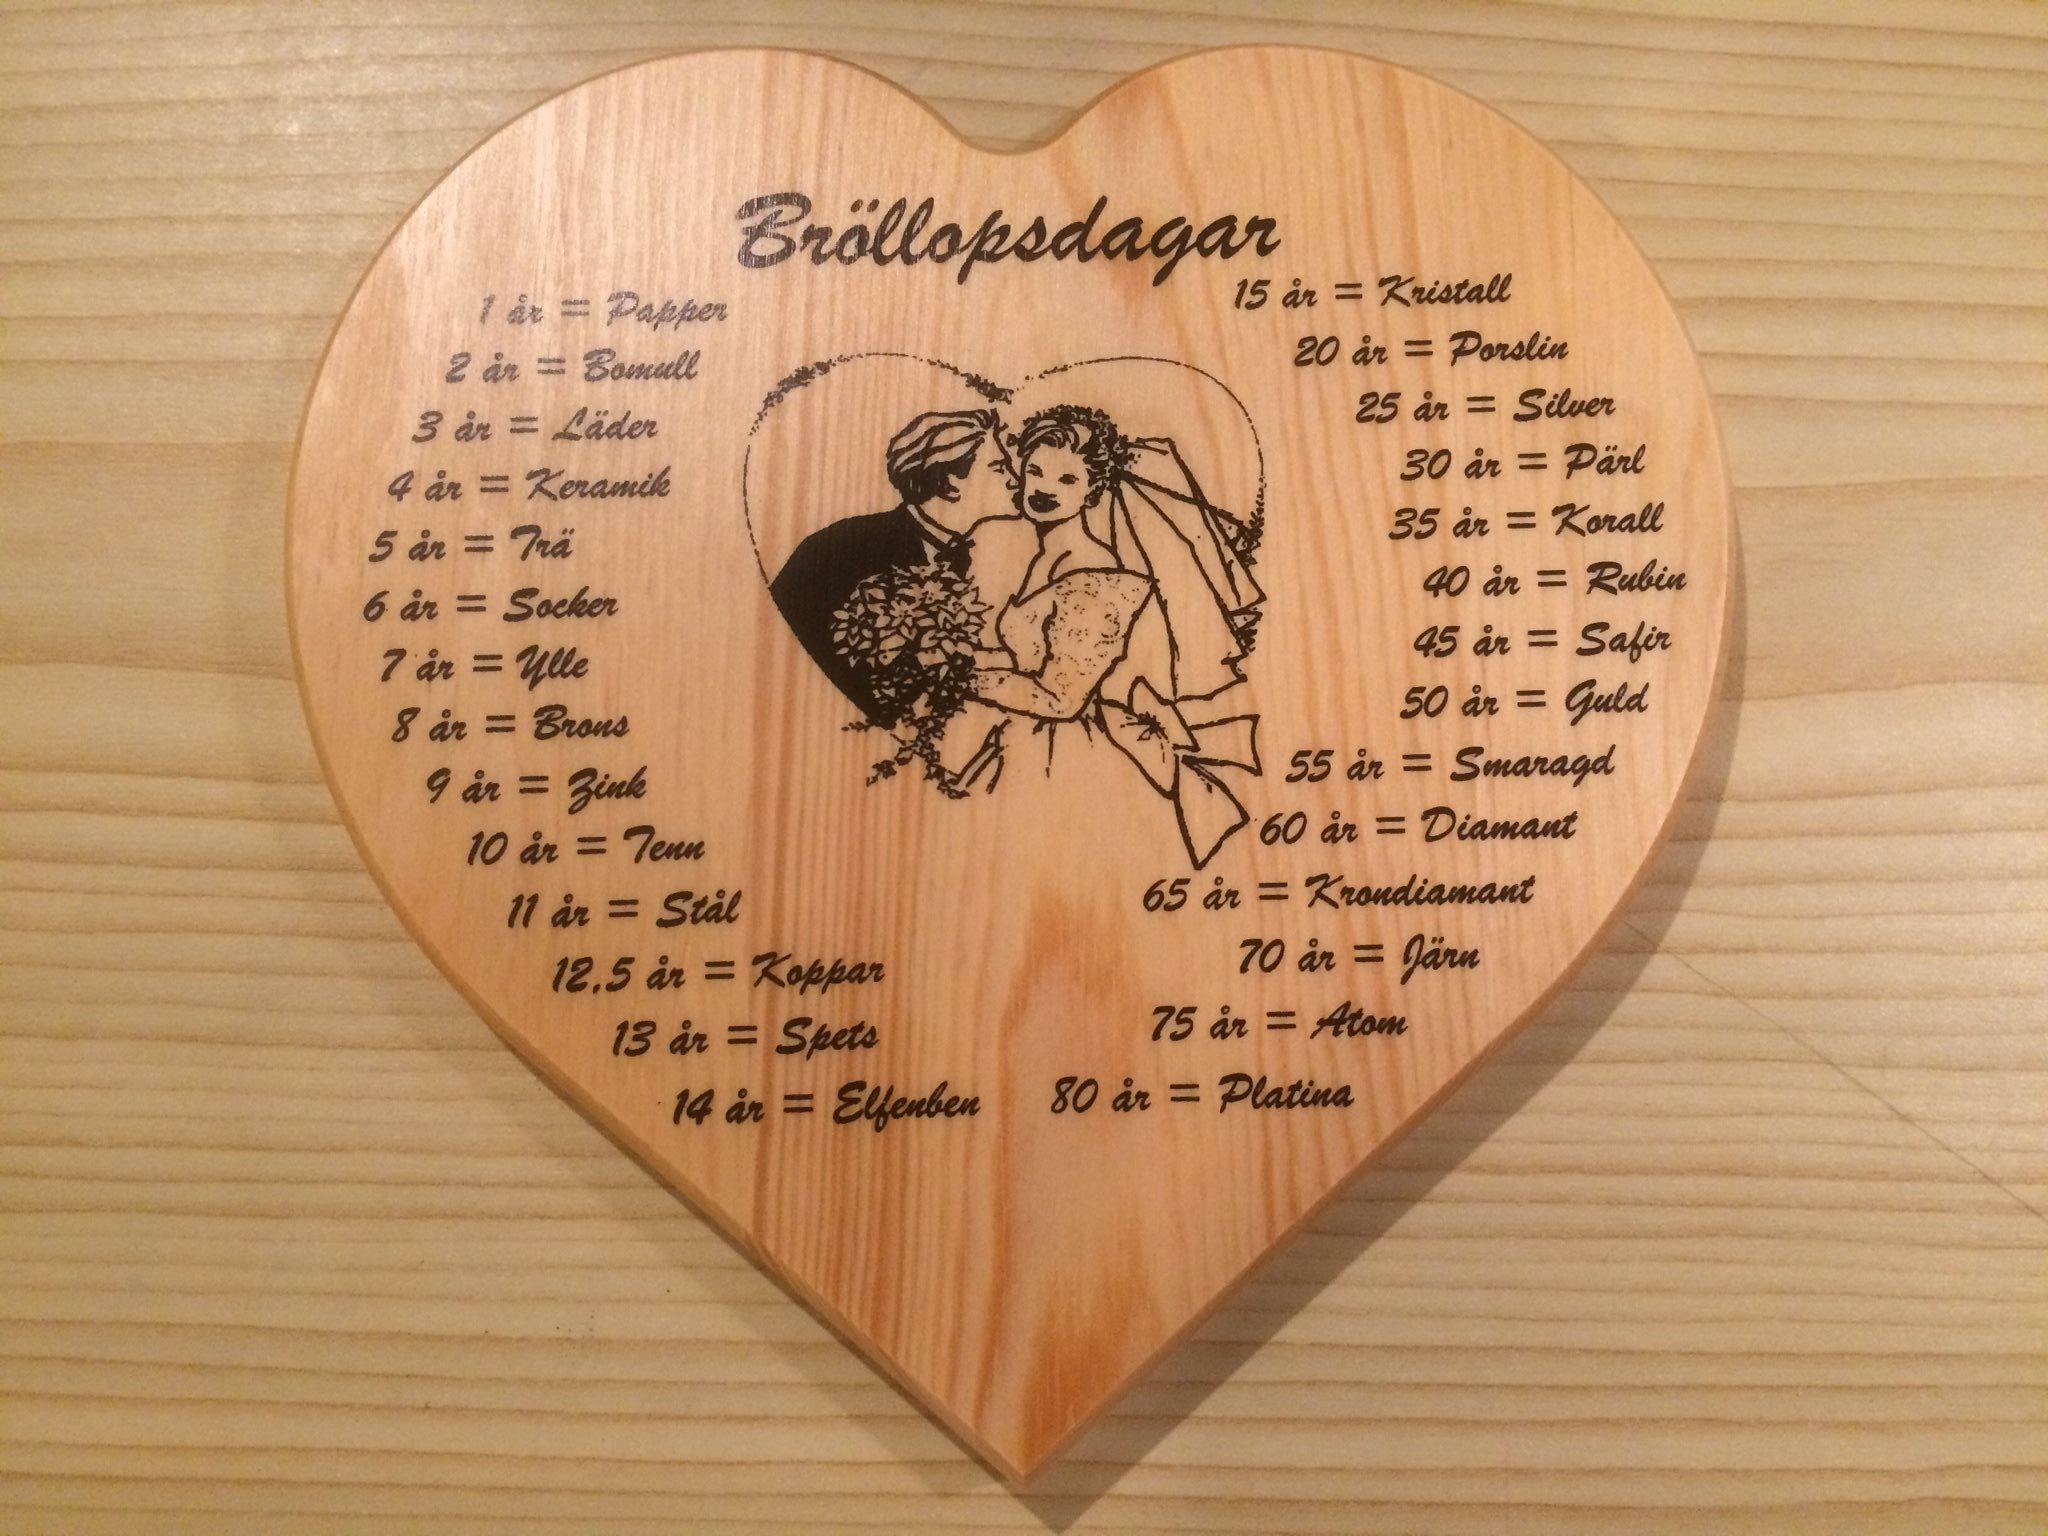 55 års bröllopsdag BÖLLOPSDAGAR. Namn på bröllopsdagar mellan 1 80.. (312536430) ᐈ  55 års bröllopsdag